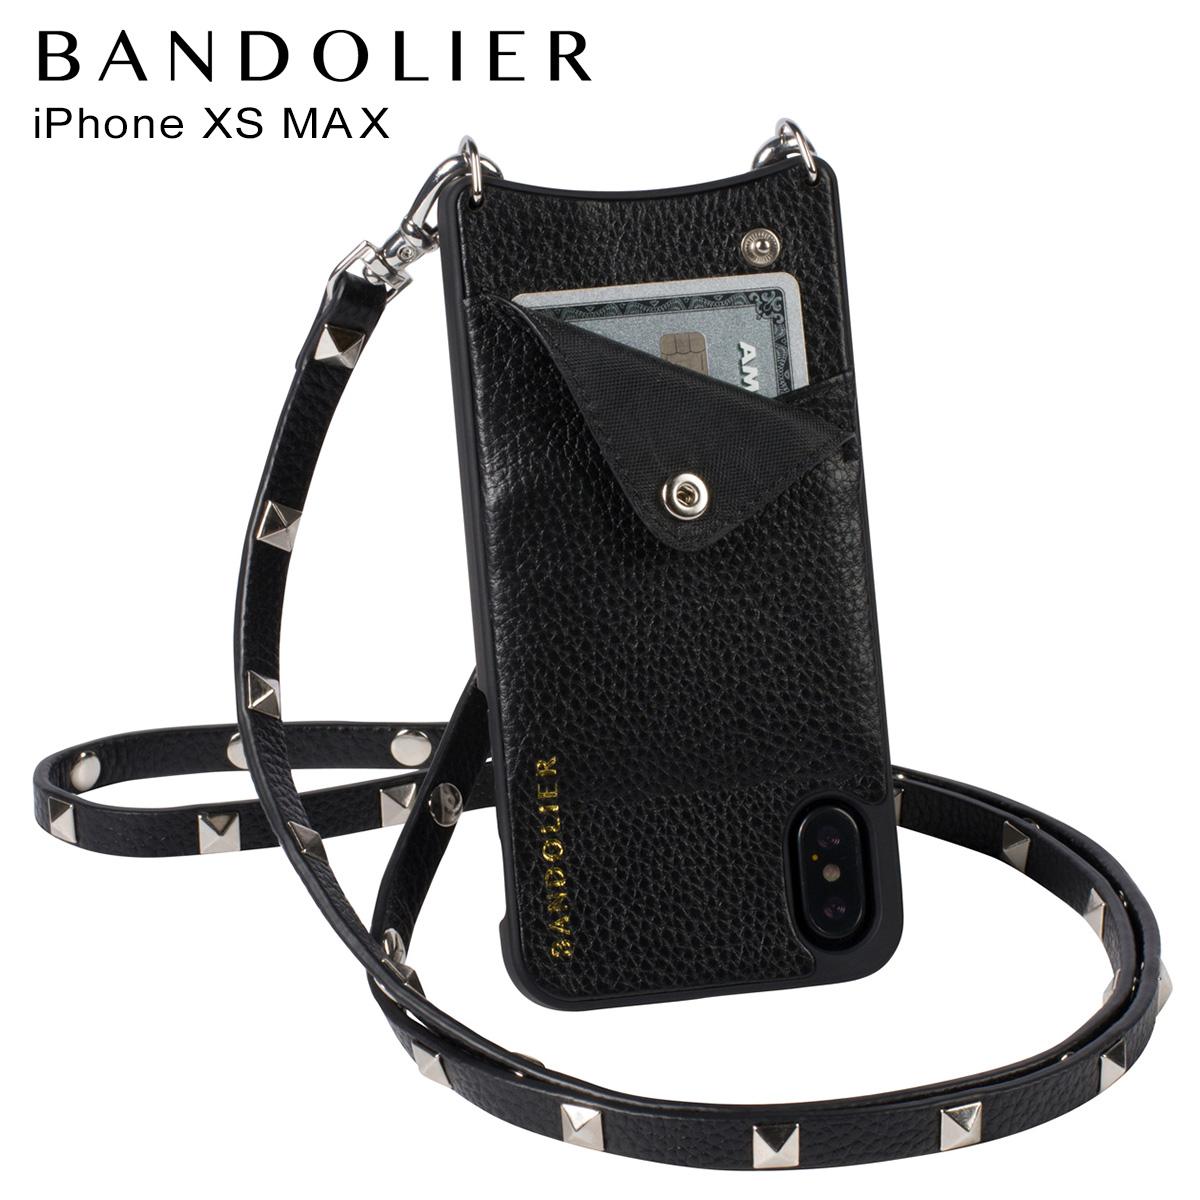 バンドリヤー BANDOLIER iPhone XS MAX ケース ショルダー スマホ アイフォン レザー SARAH SILVER メンズ レディース ブラック 黒 10SAR1001 [予約商品 4月下旬頃入荷予定 再入荷]